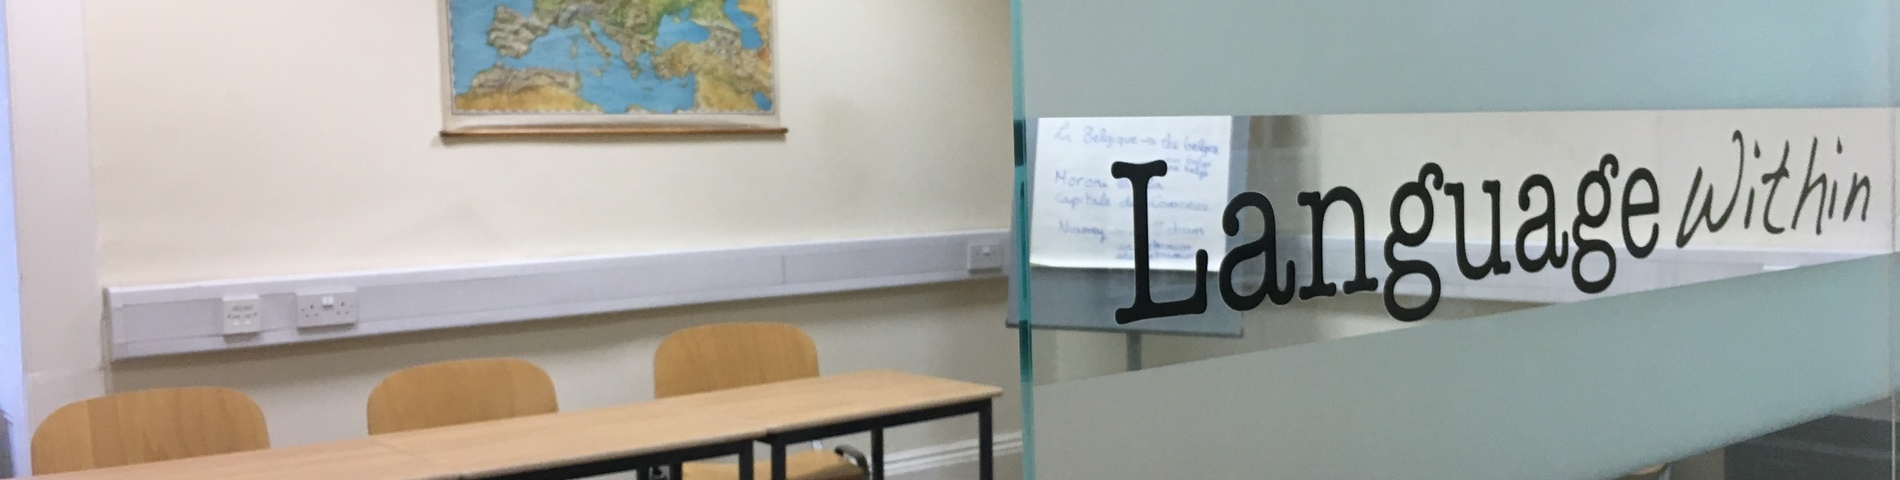 Imagen 1 de la escuela Language Within